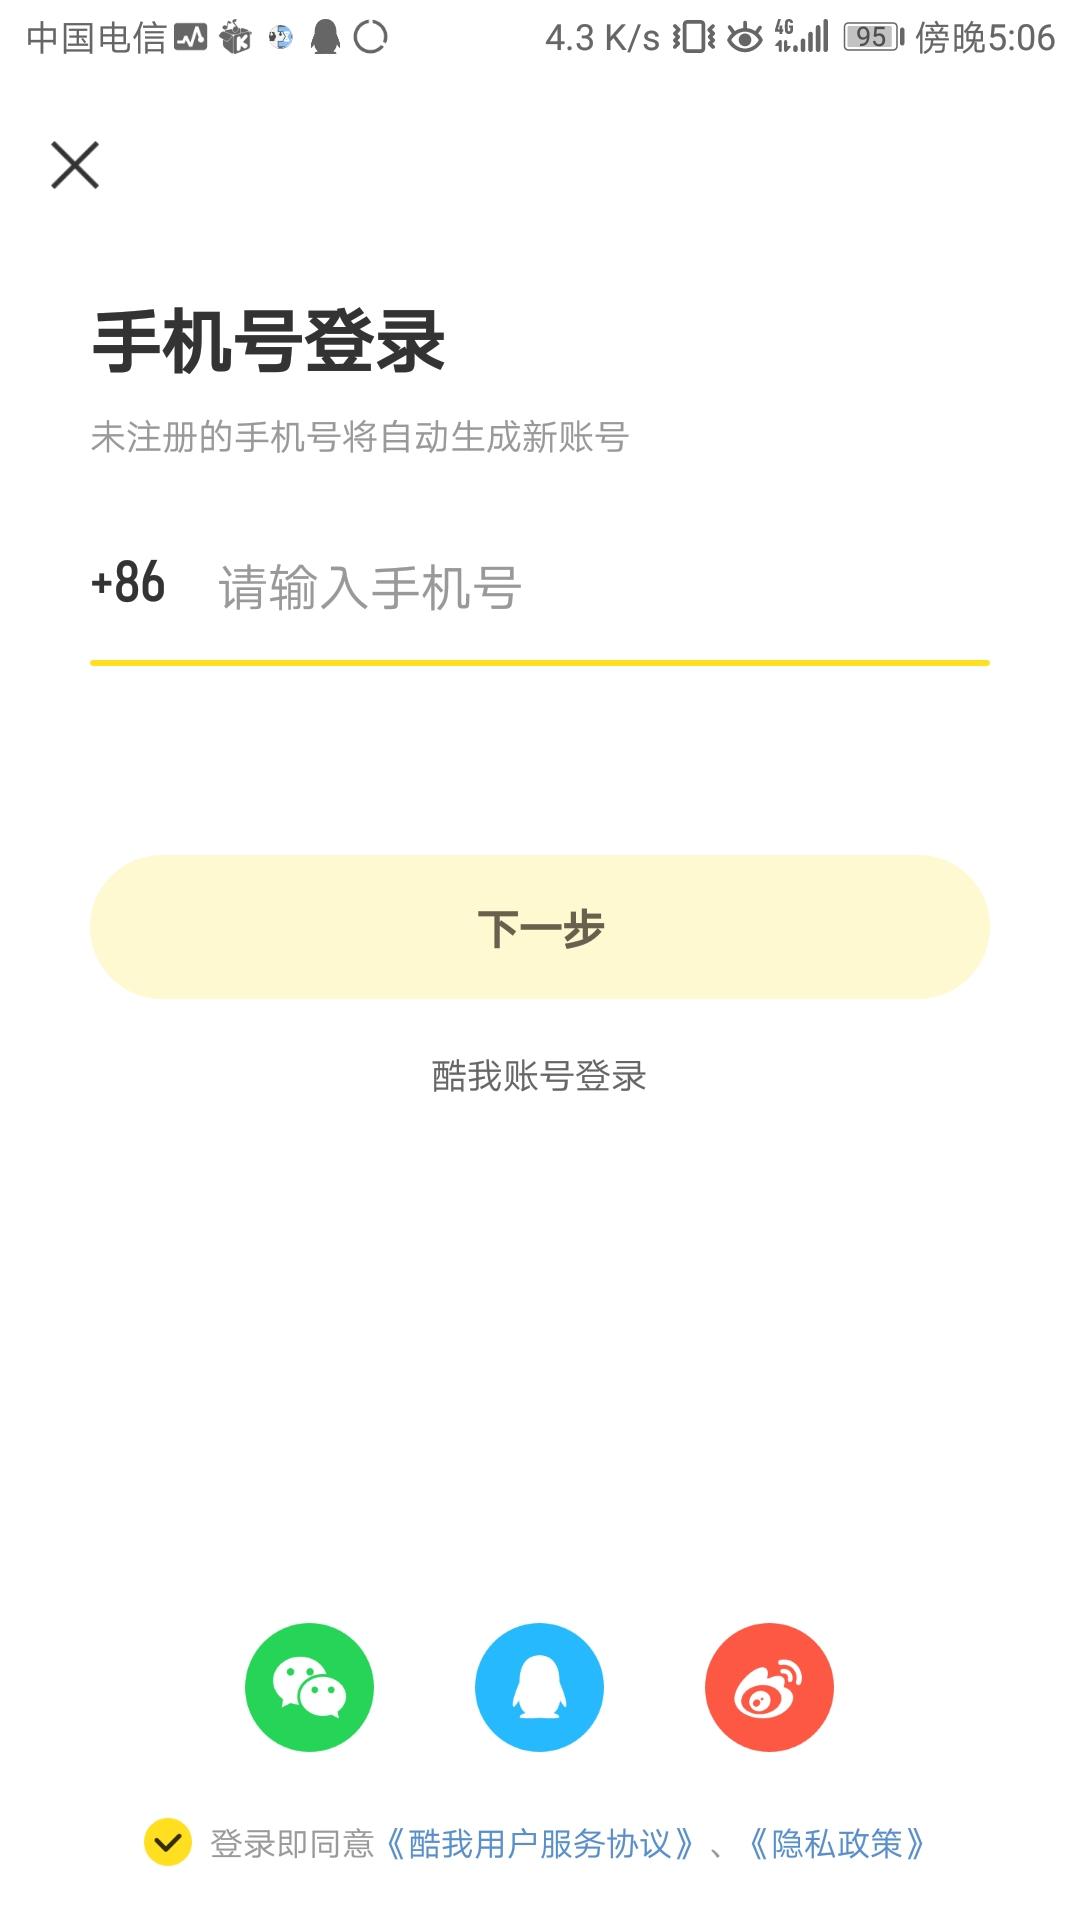 【资源分享】『酷我音乐』_v9.2.5.0 HiFi-爱小助